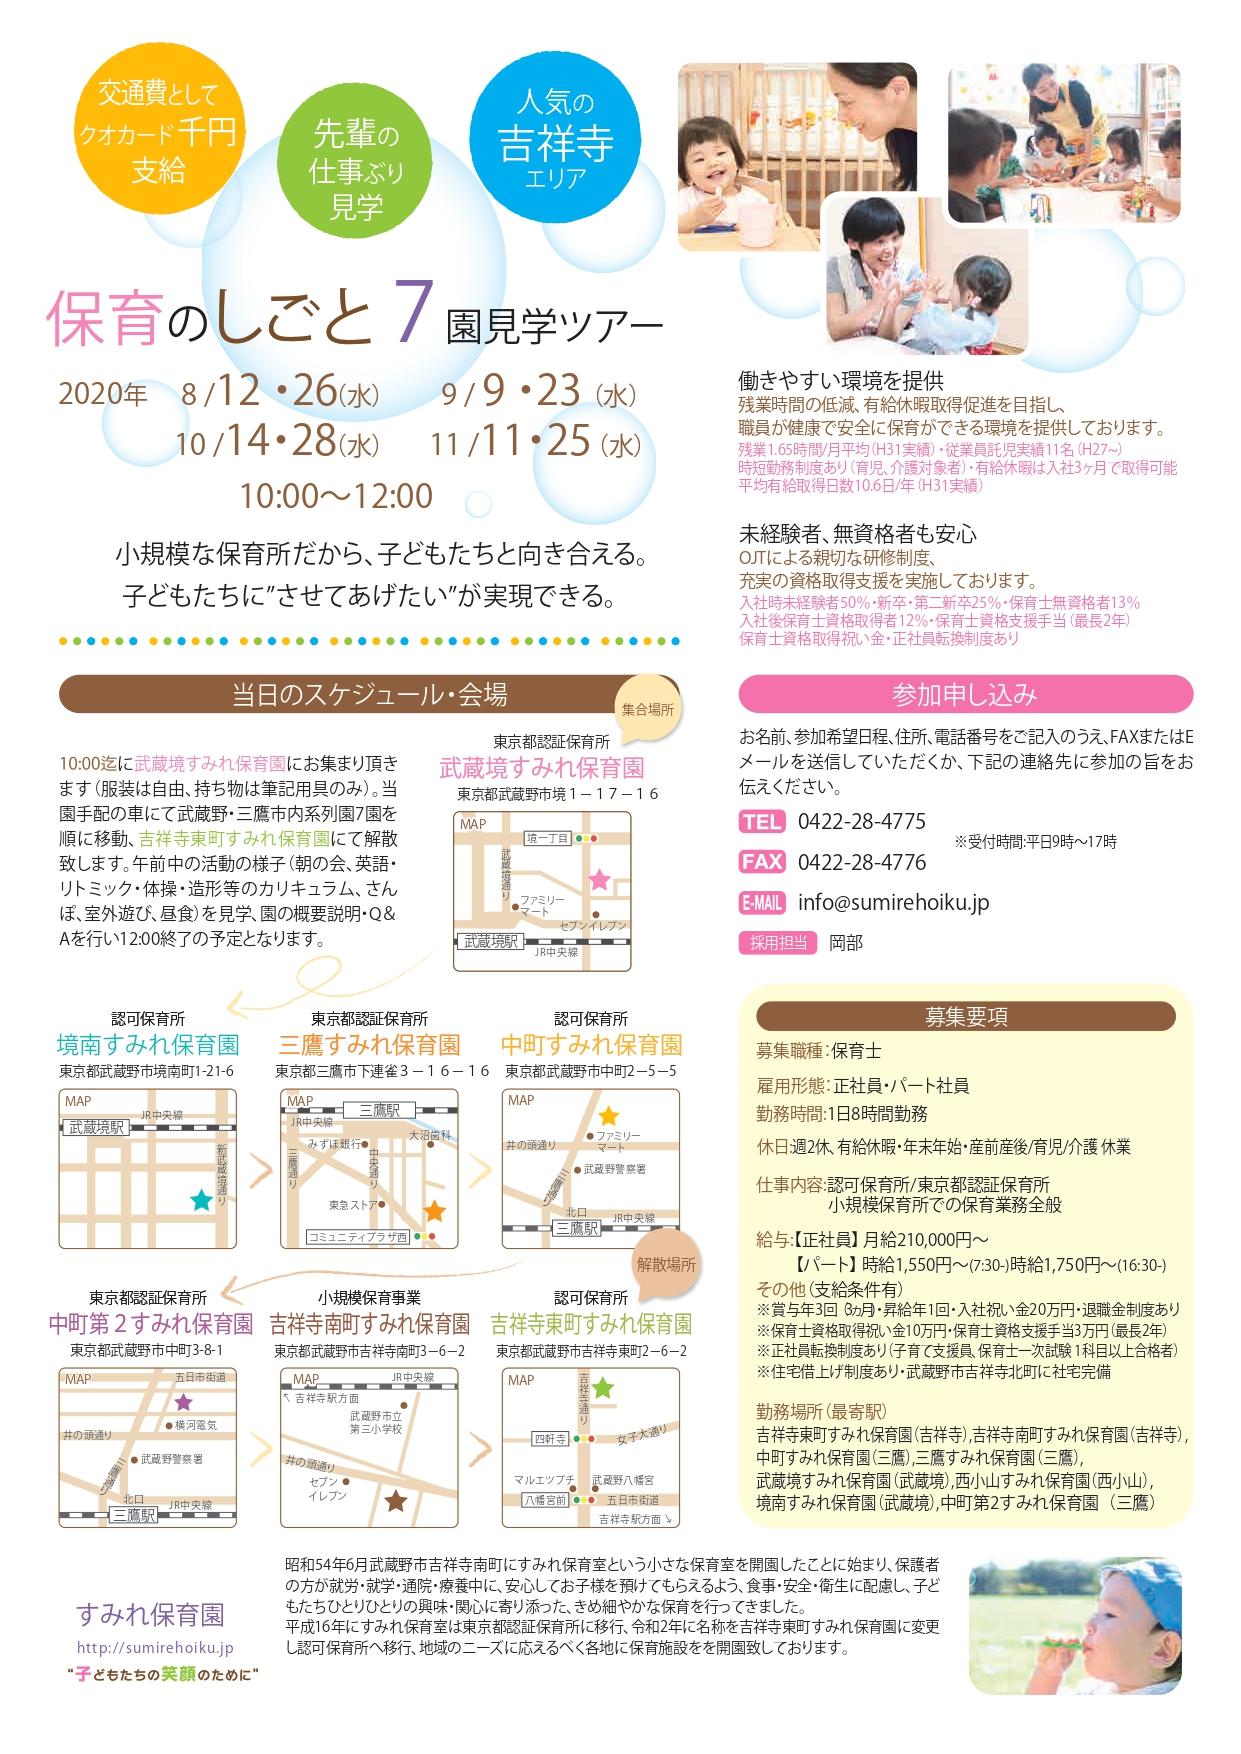 kenngaku7 202008_2020011_page-0001 (1)